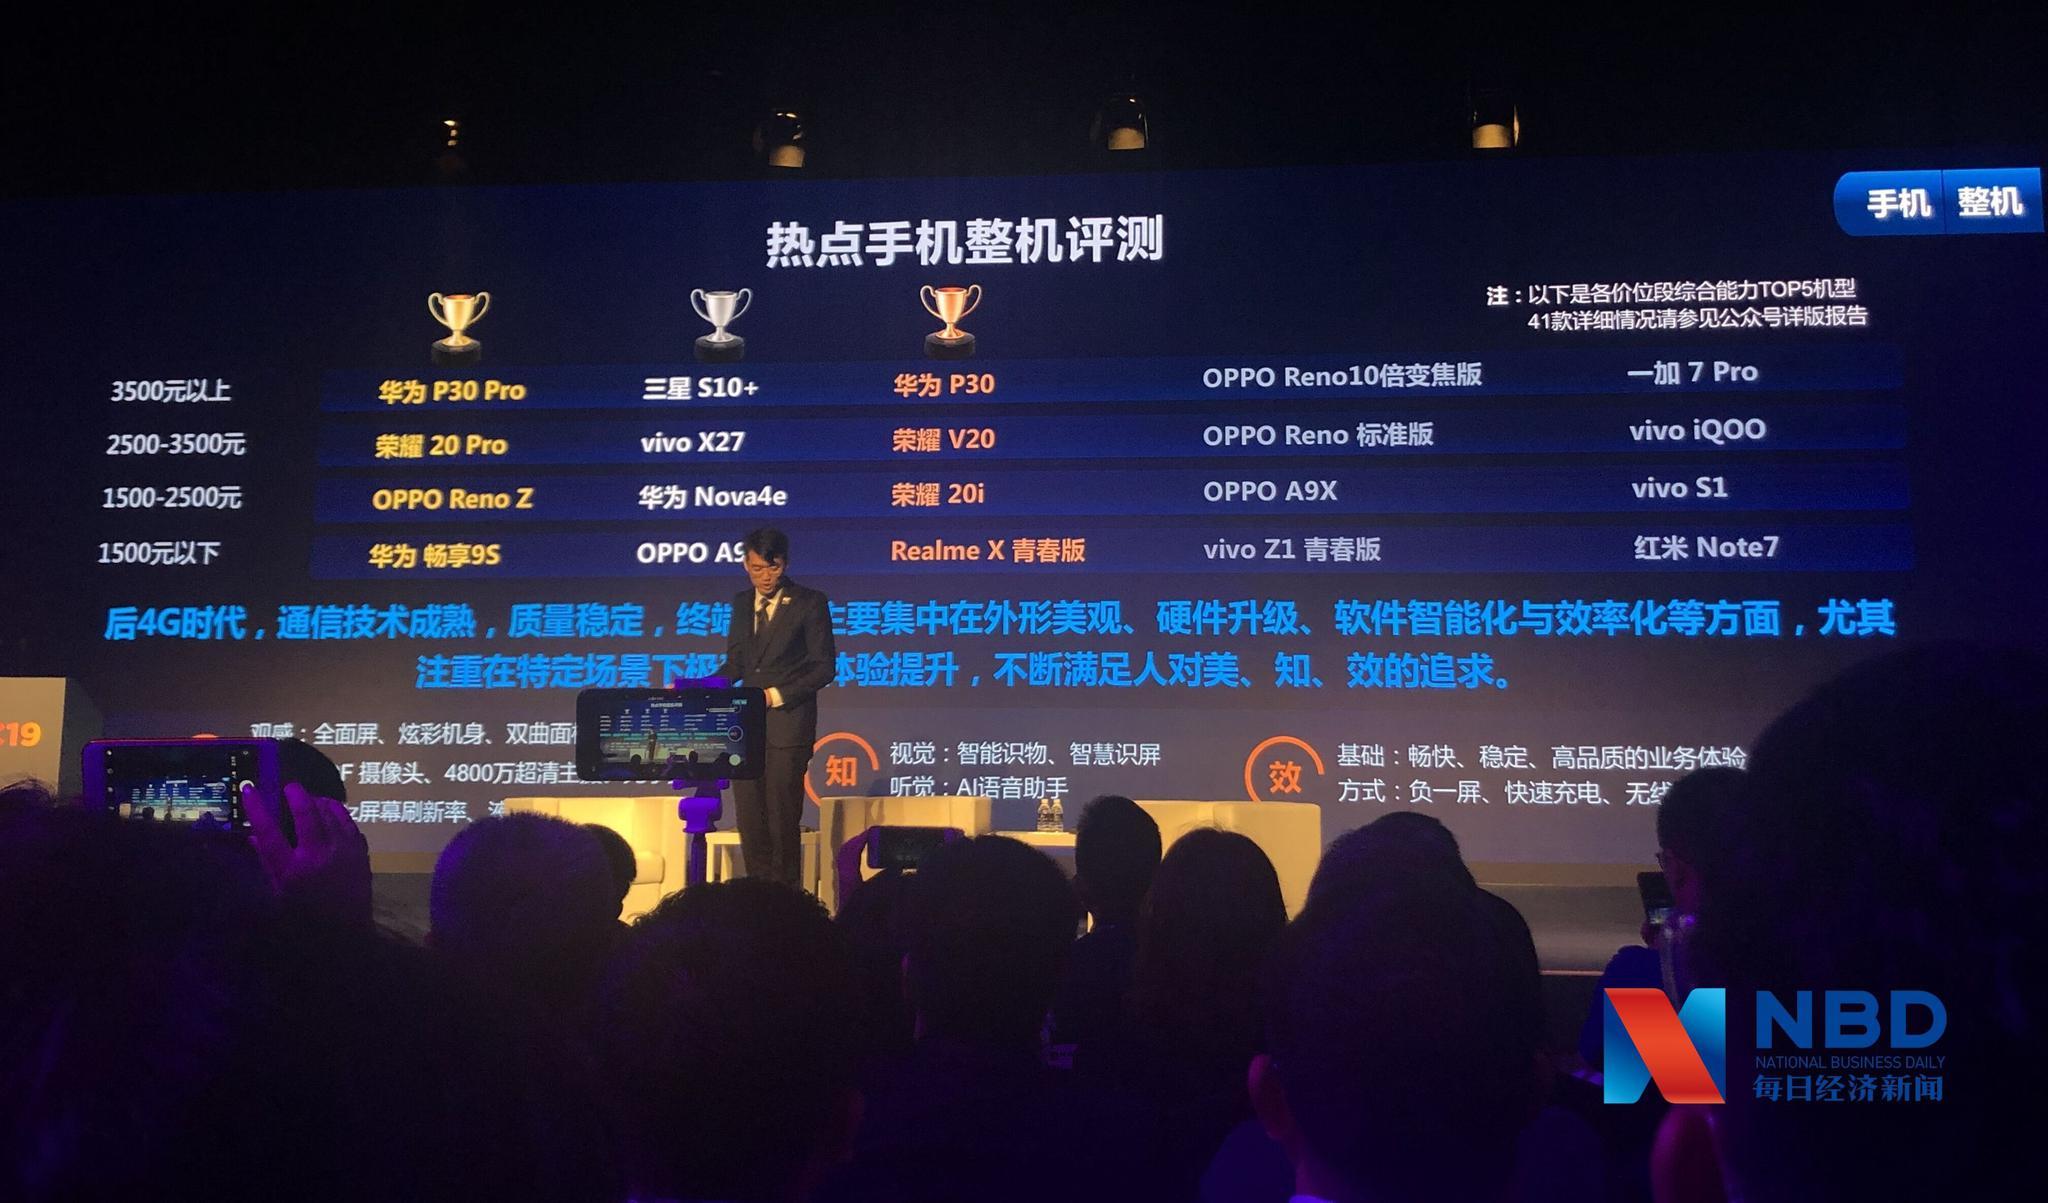 中国移动发布首份5G终端官方评测 芯片天线相关性调试仍需优化